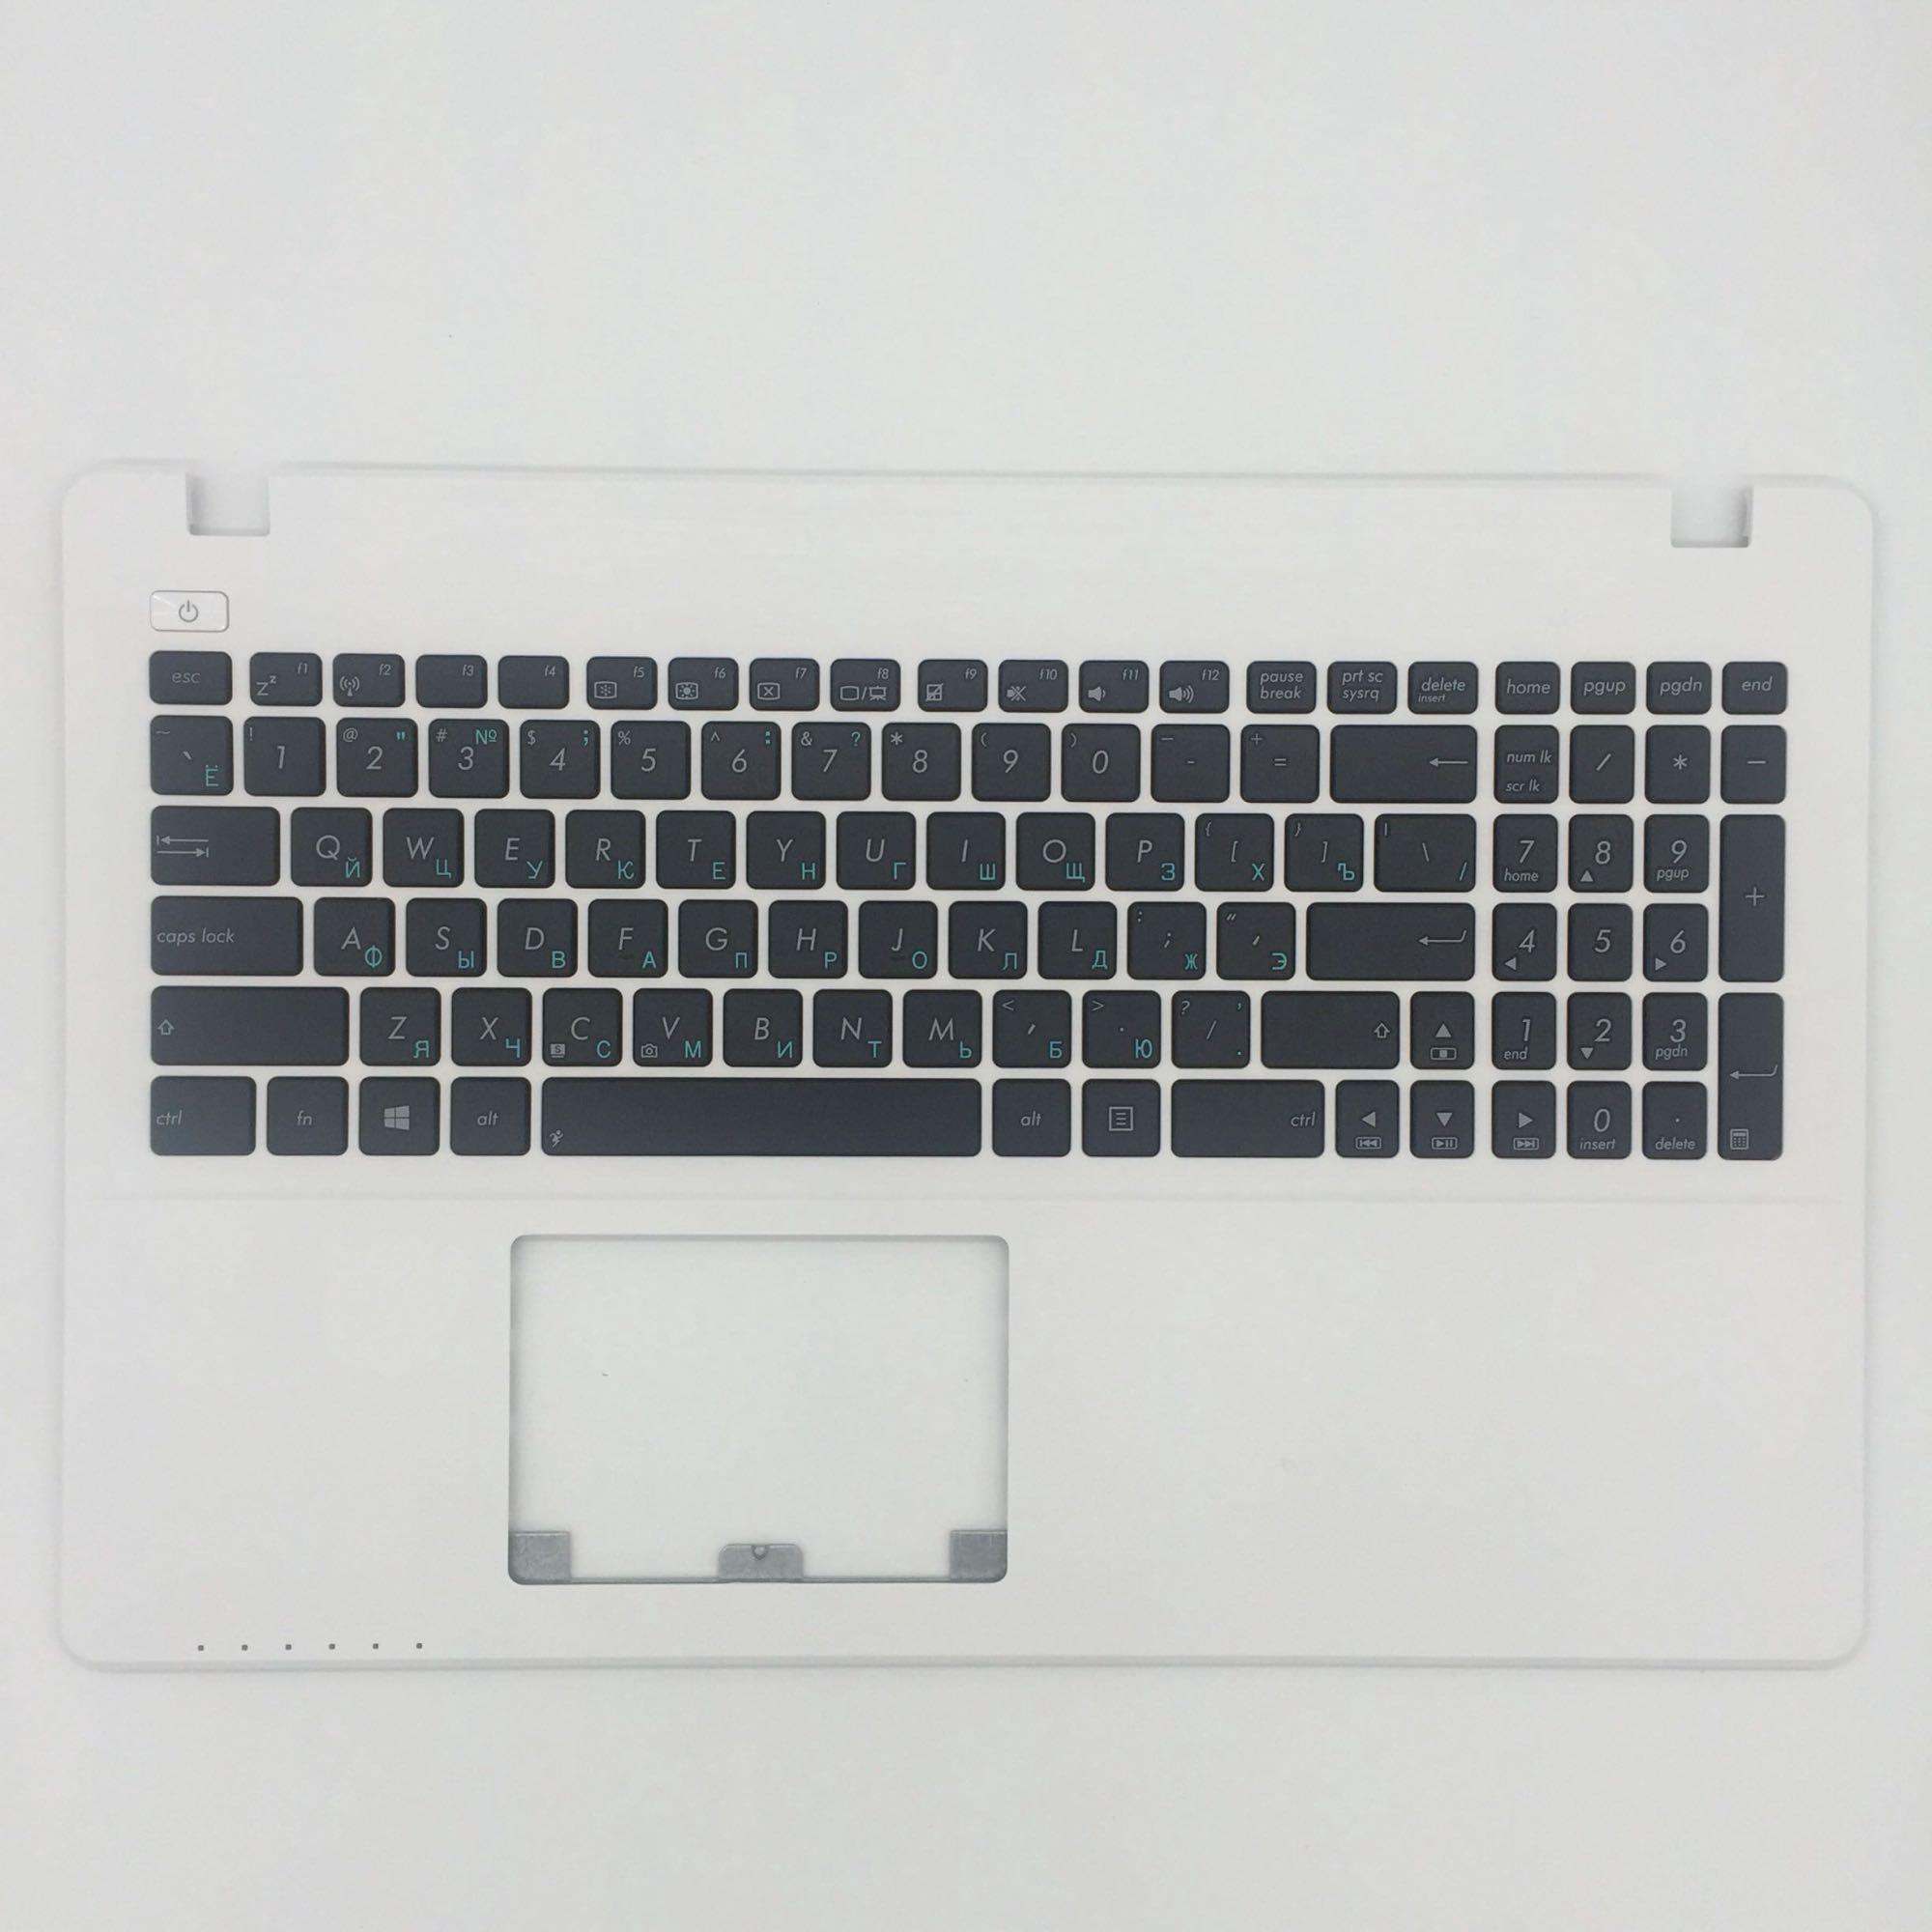 Danish Swedish Norwegian Finnish Nordic keyboard for Asus G752V//G752VT//G752VY